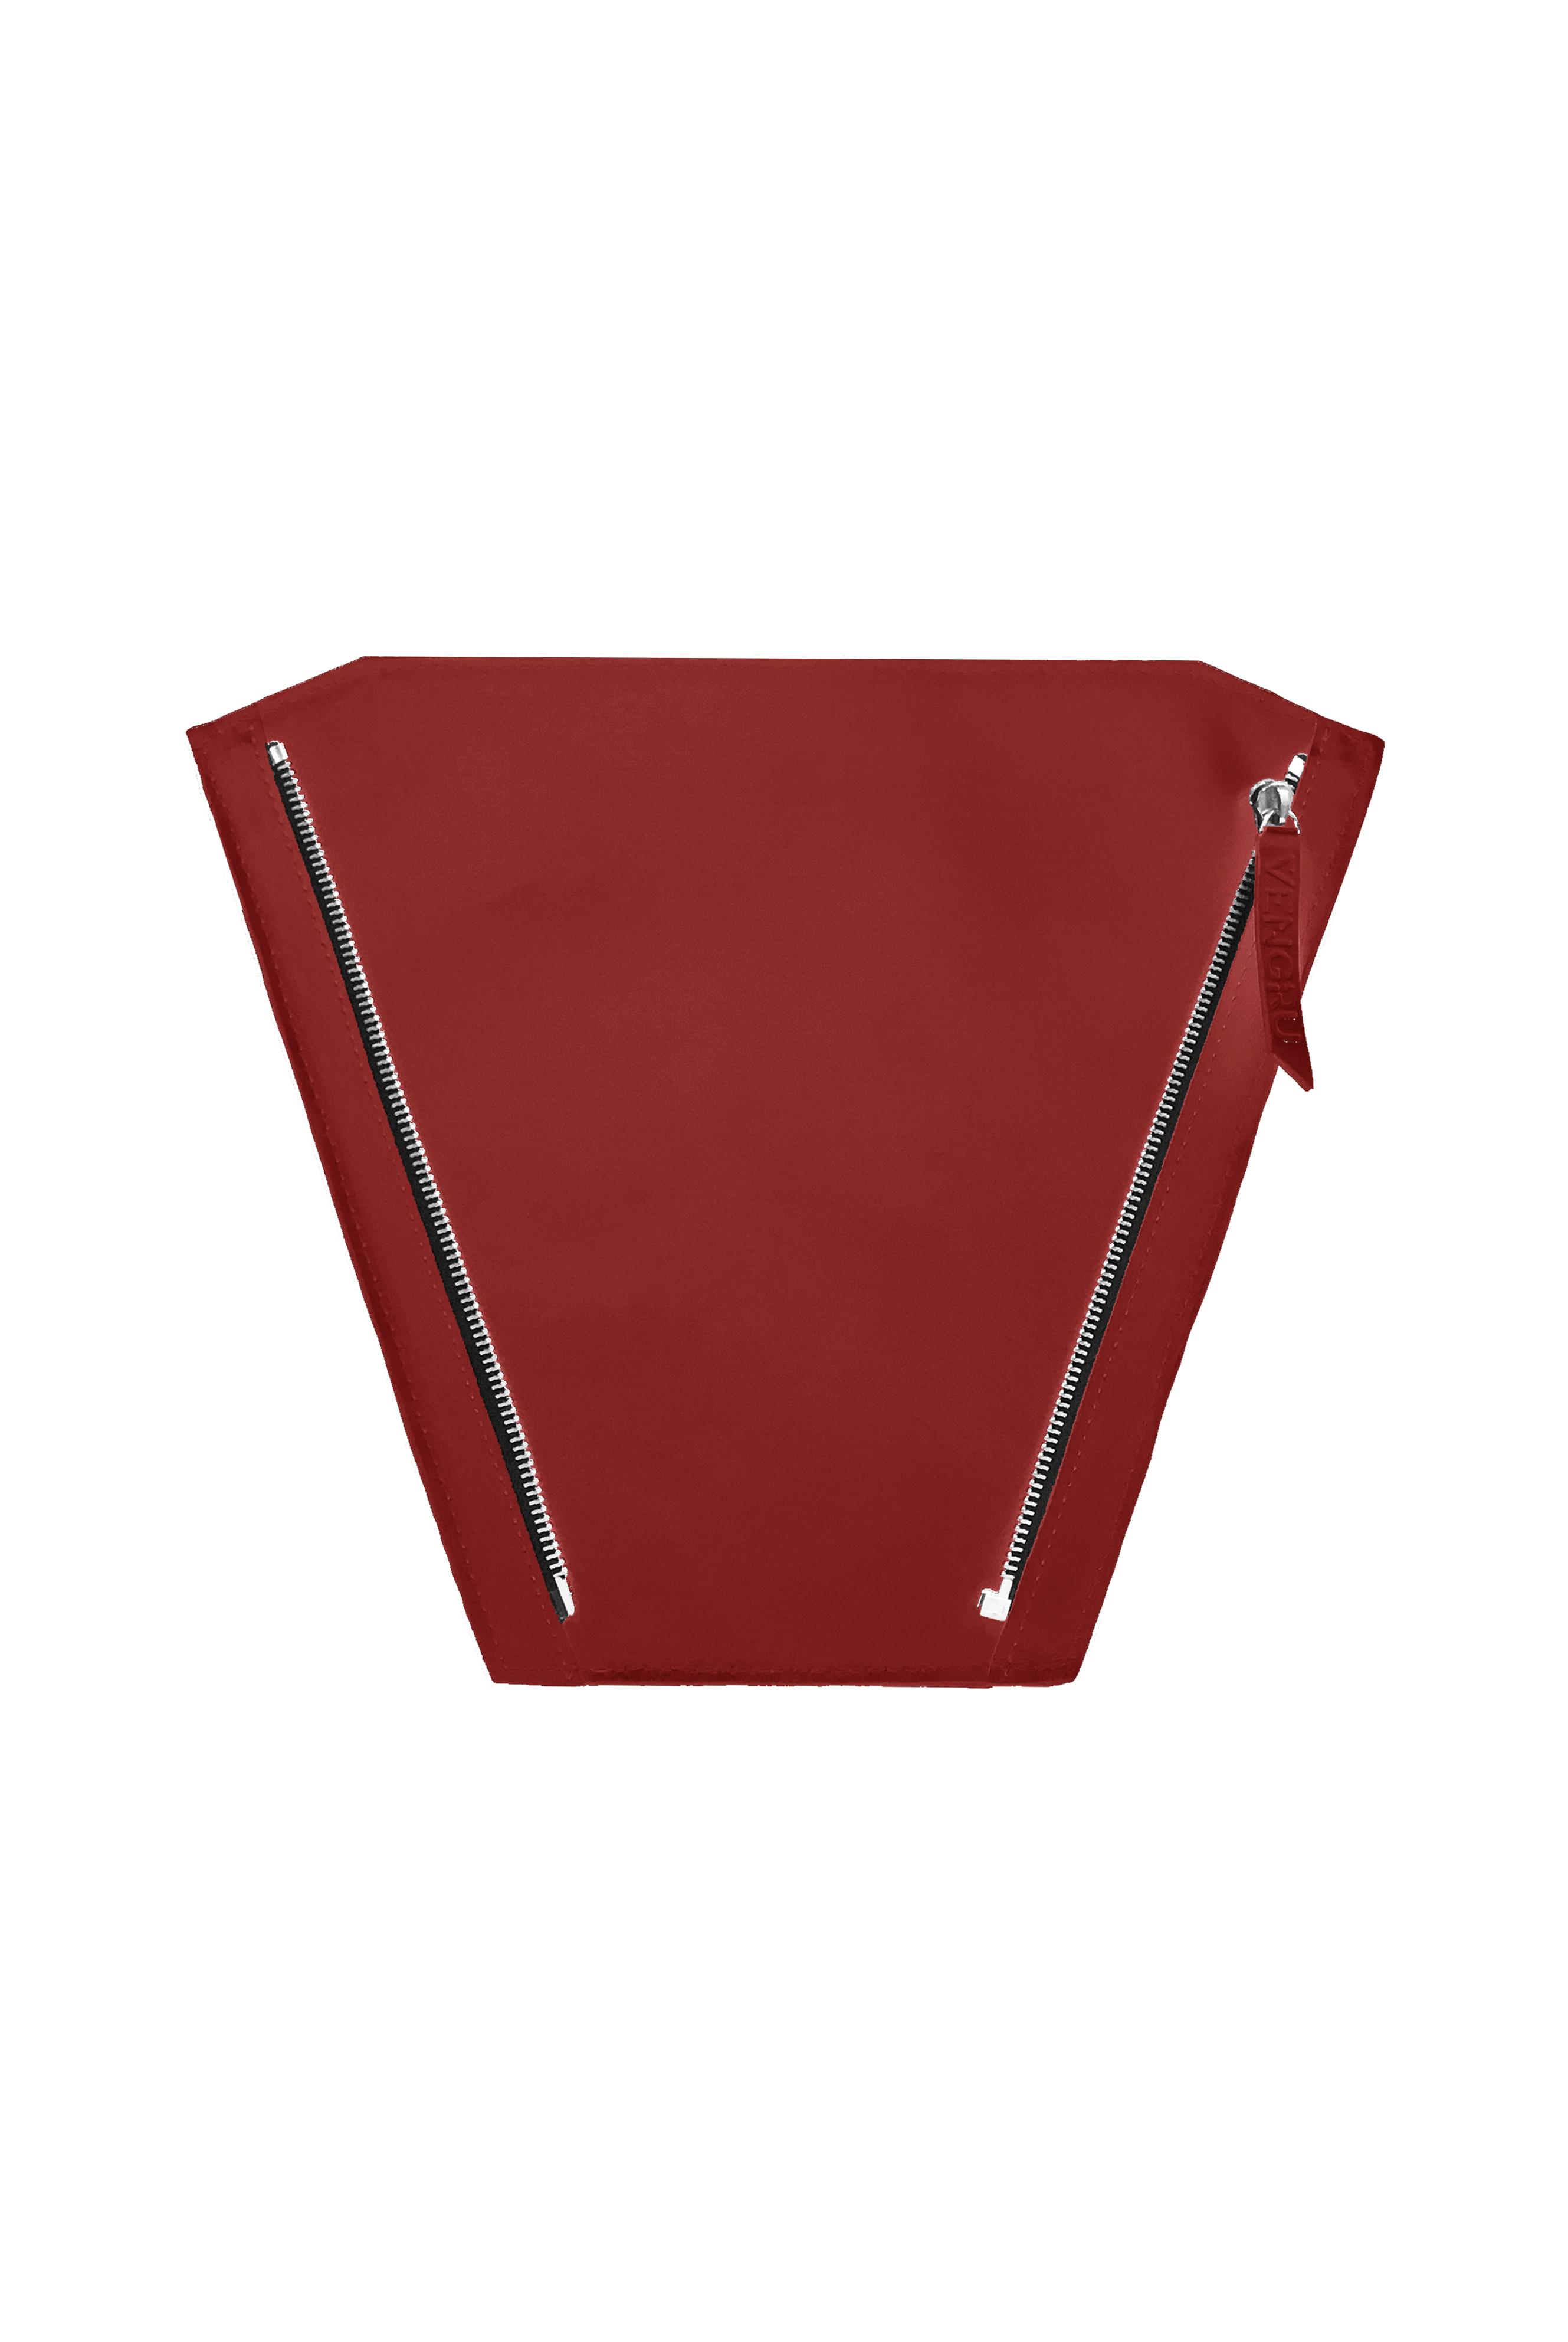 Piros bőr válltáska, hátizsák, piramis táska, alaptáska